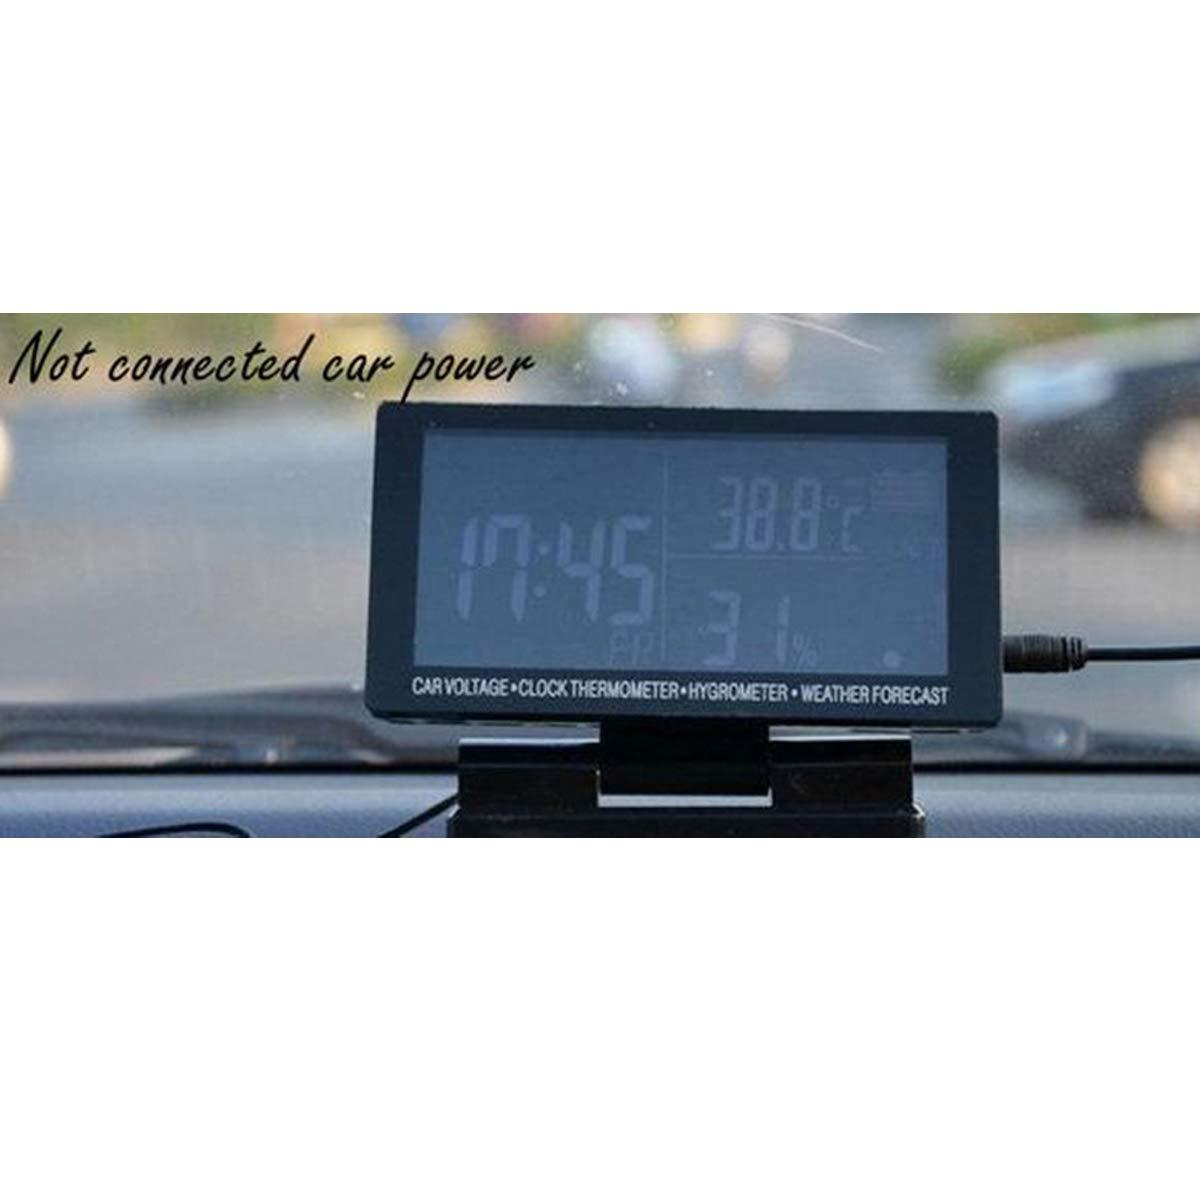 DONGMAO Auto-Thermometer-Hygrometer-Volt-Wettervorhersage des LCD-Digitaluhr-Zeitmessers